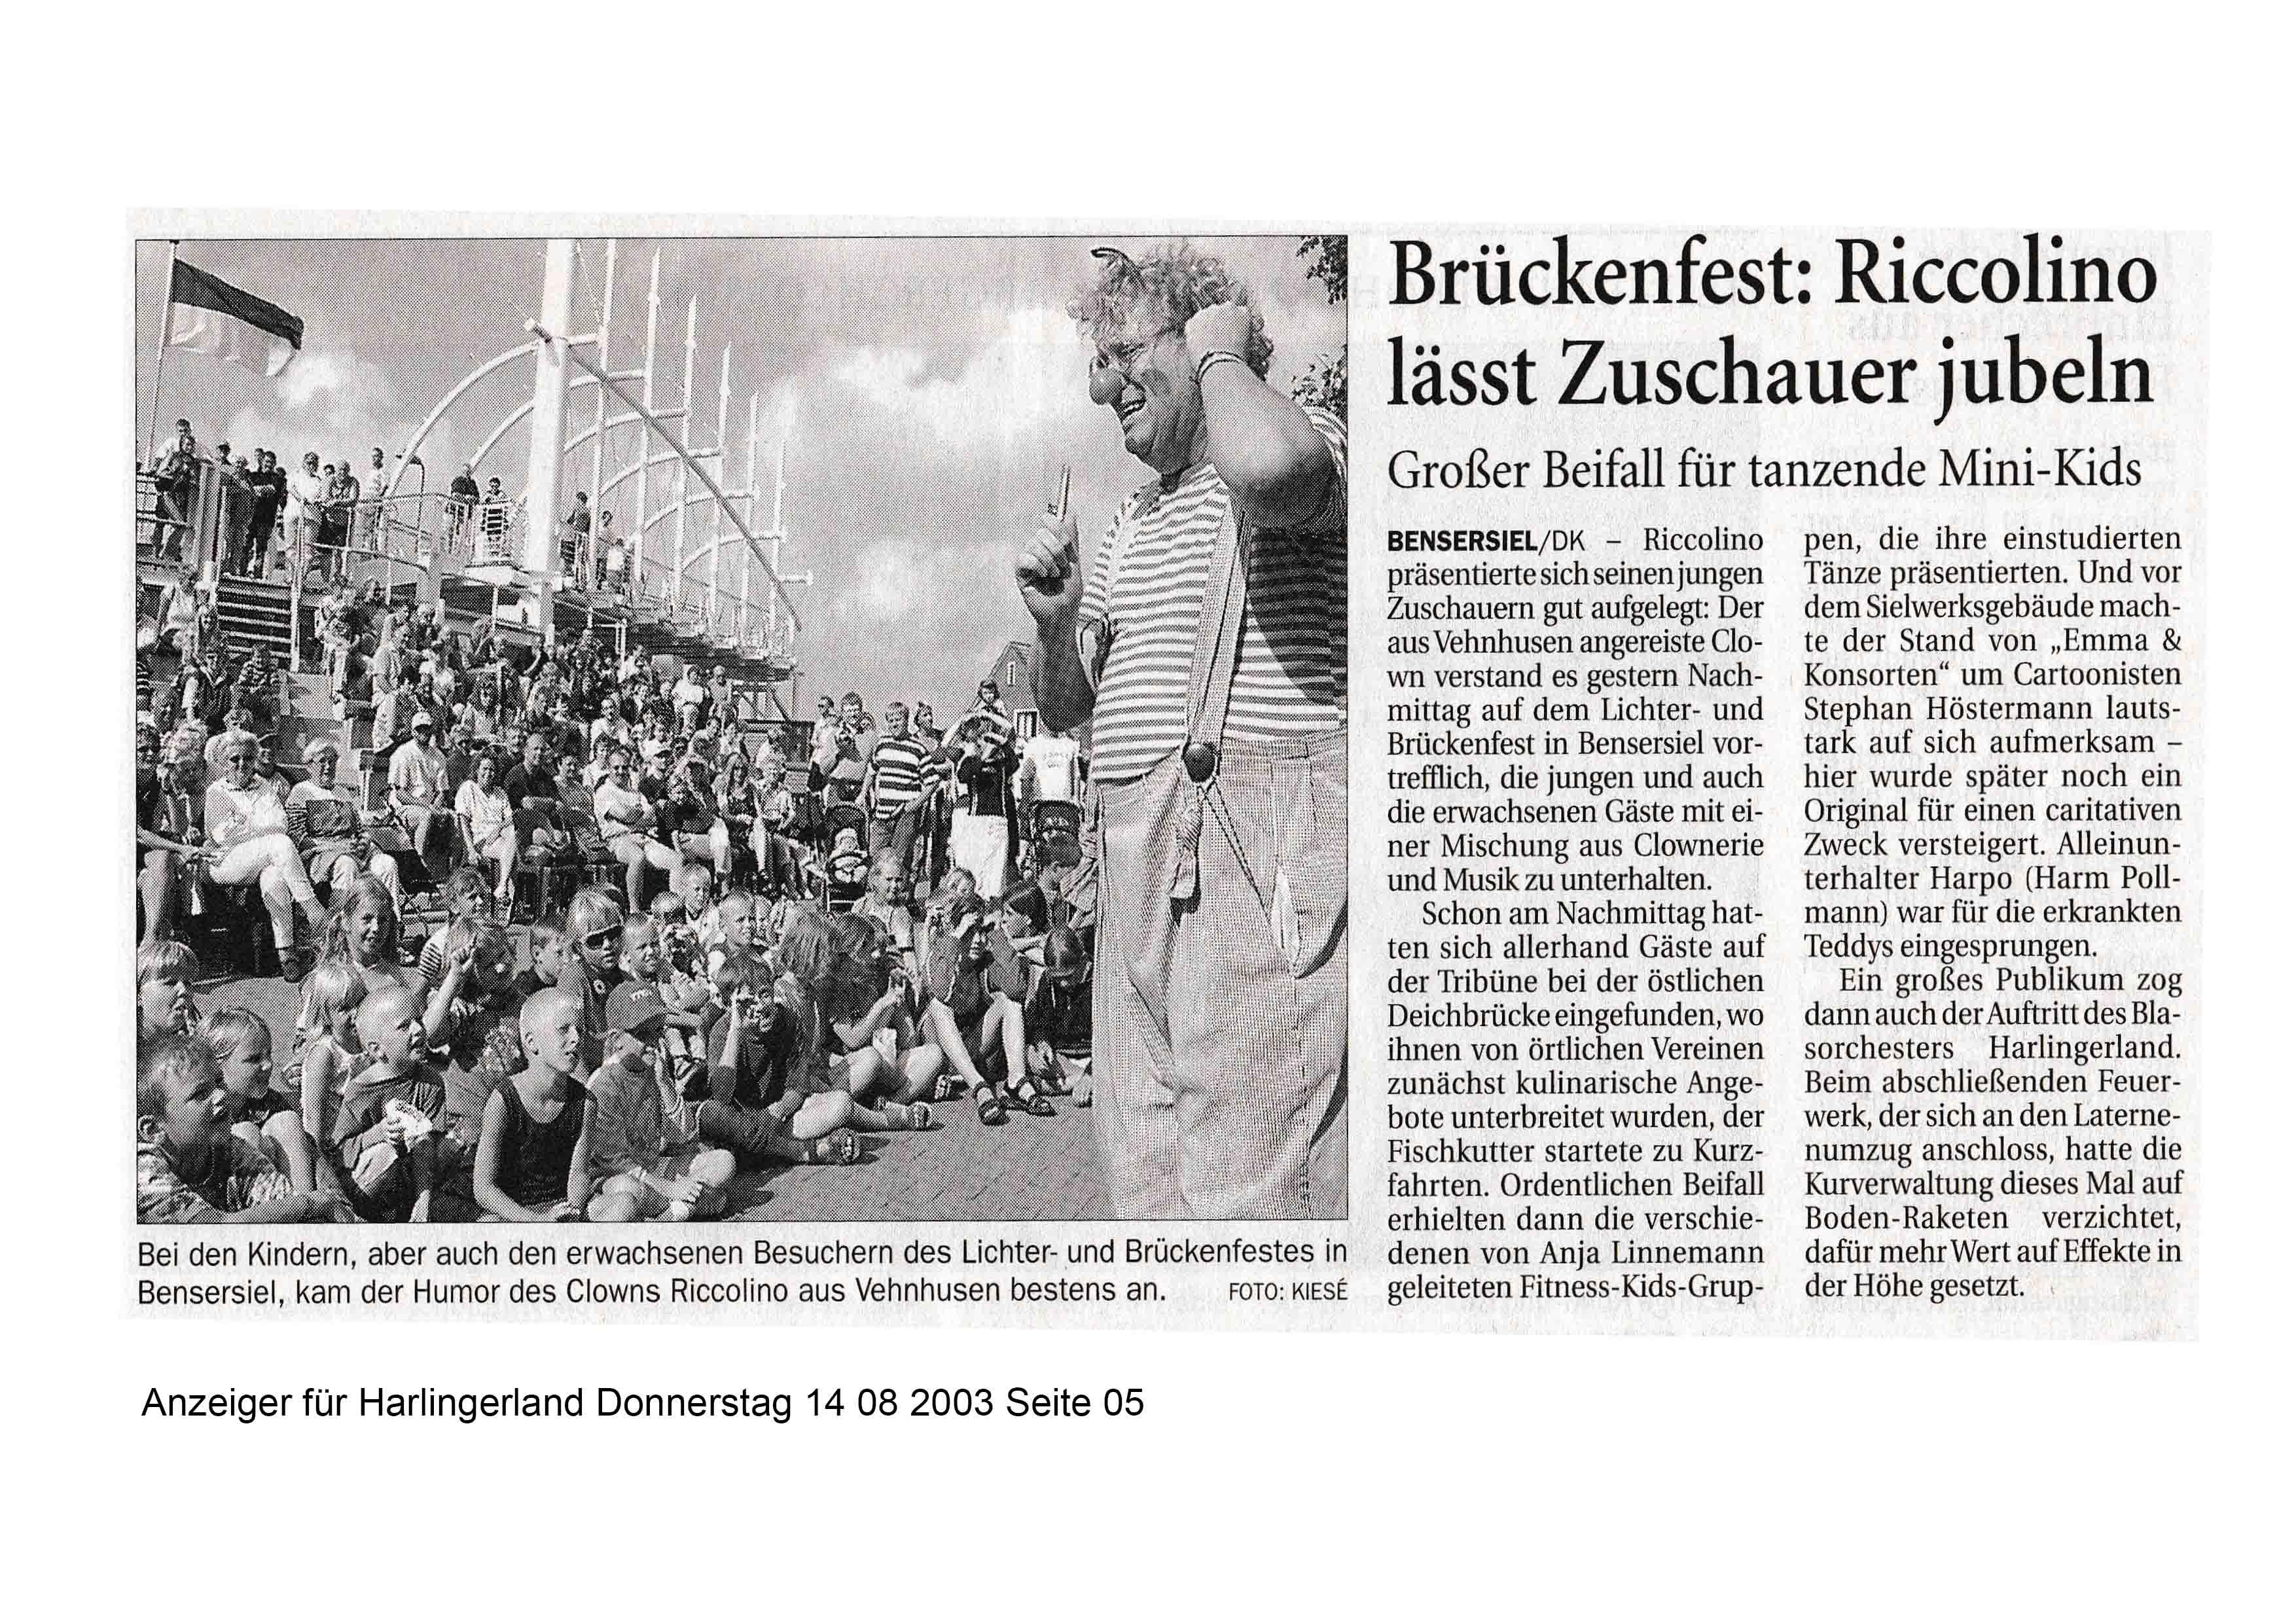 Anzeiger für Harlingerland Donnerstag 14 08 2003 Seite 05